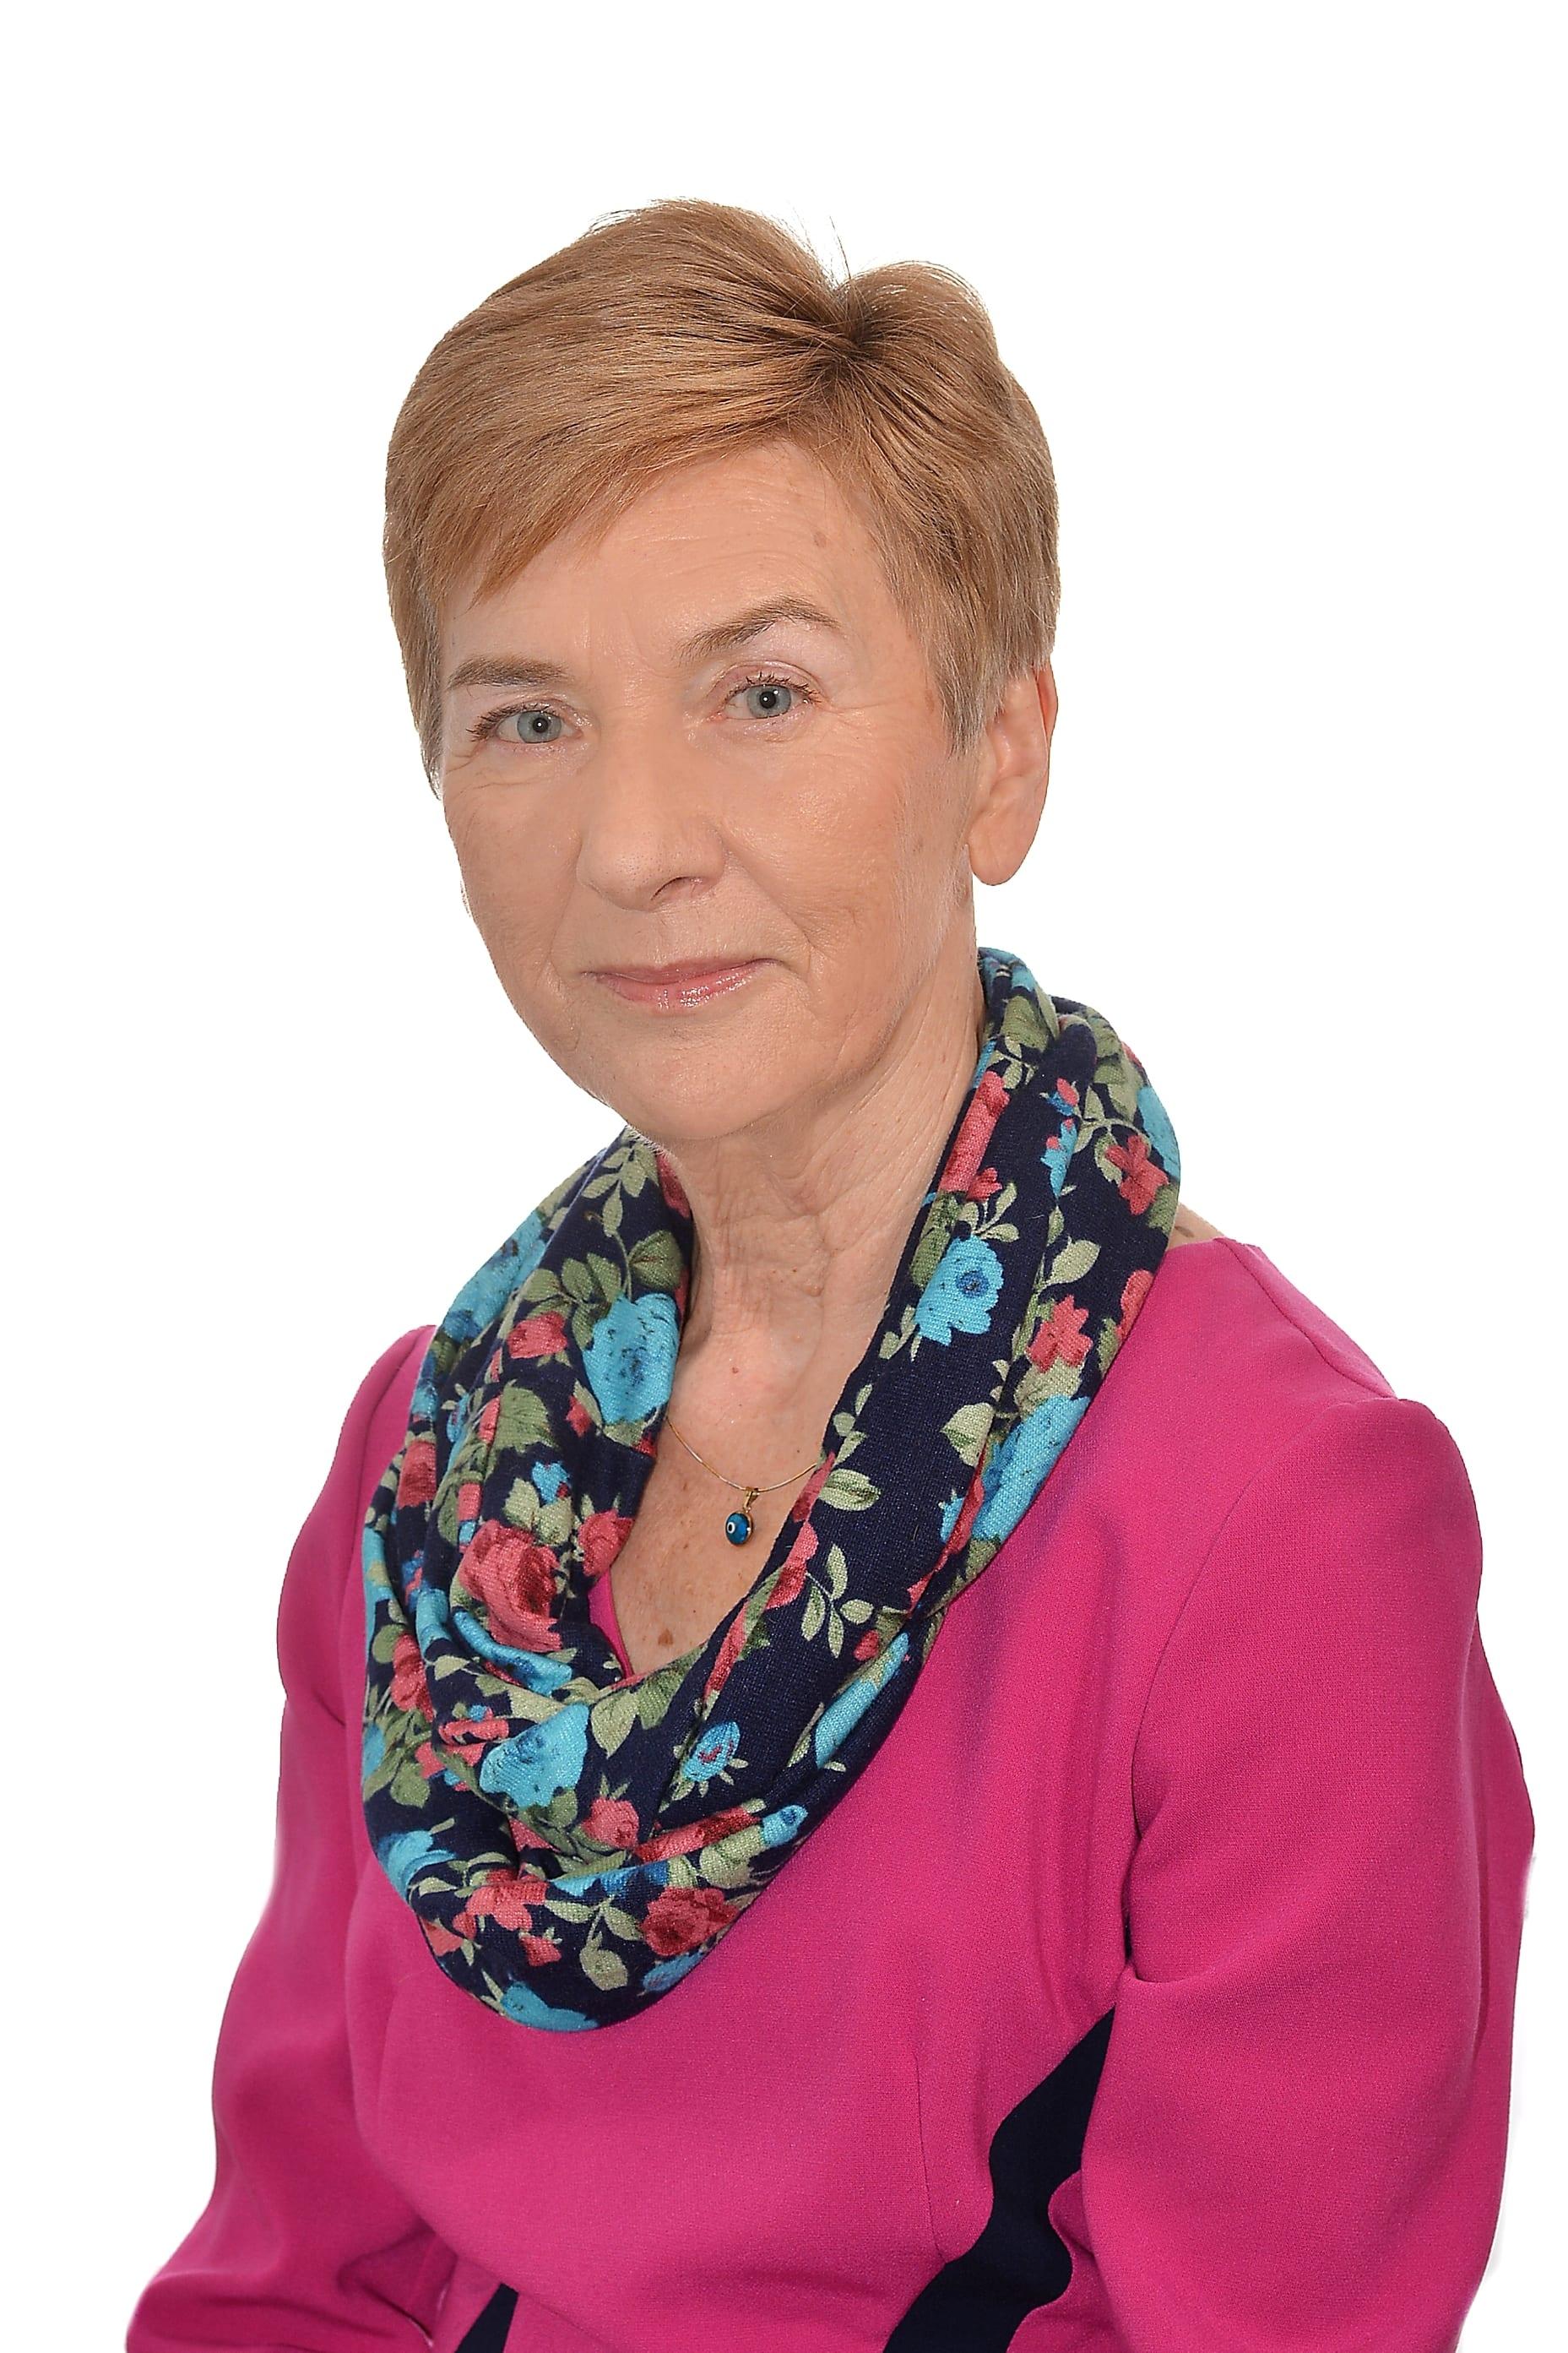 W grupie siła – rozmowa z dr Elżbietą Ostrowską